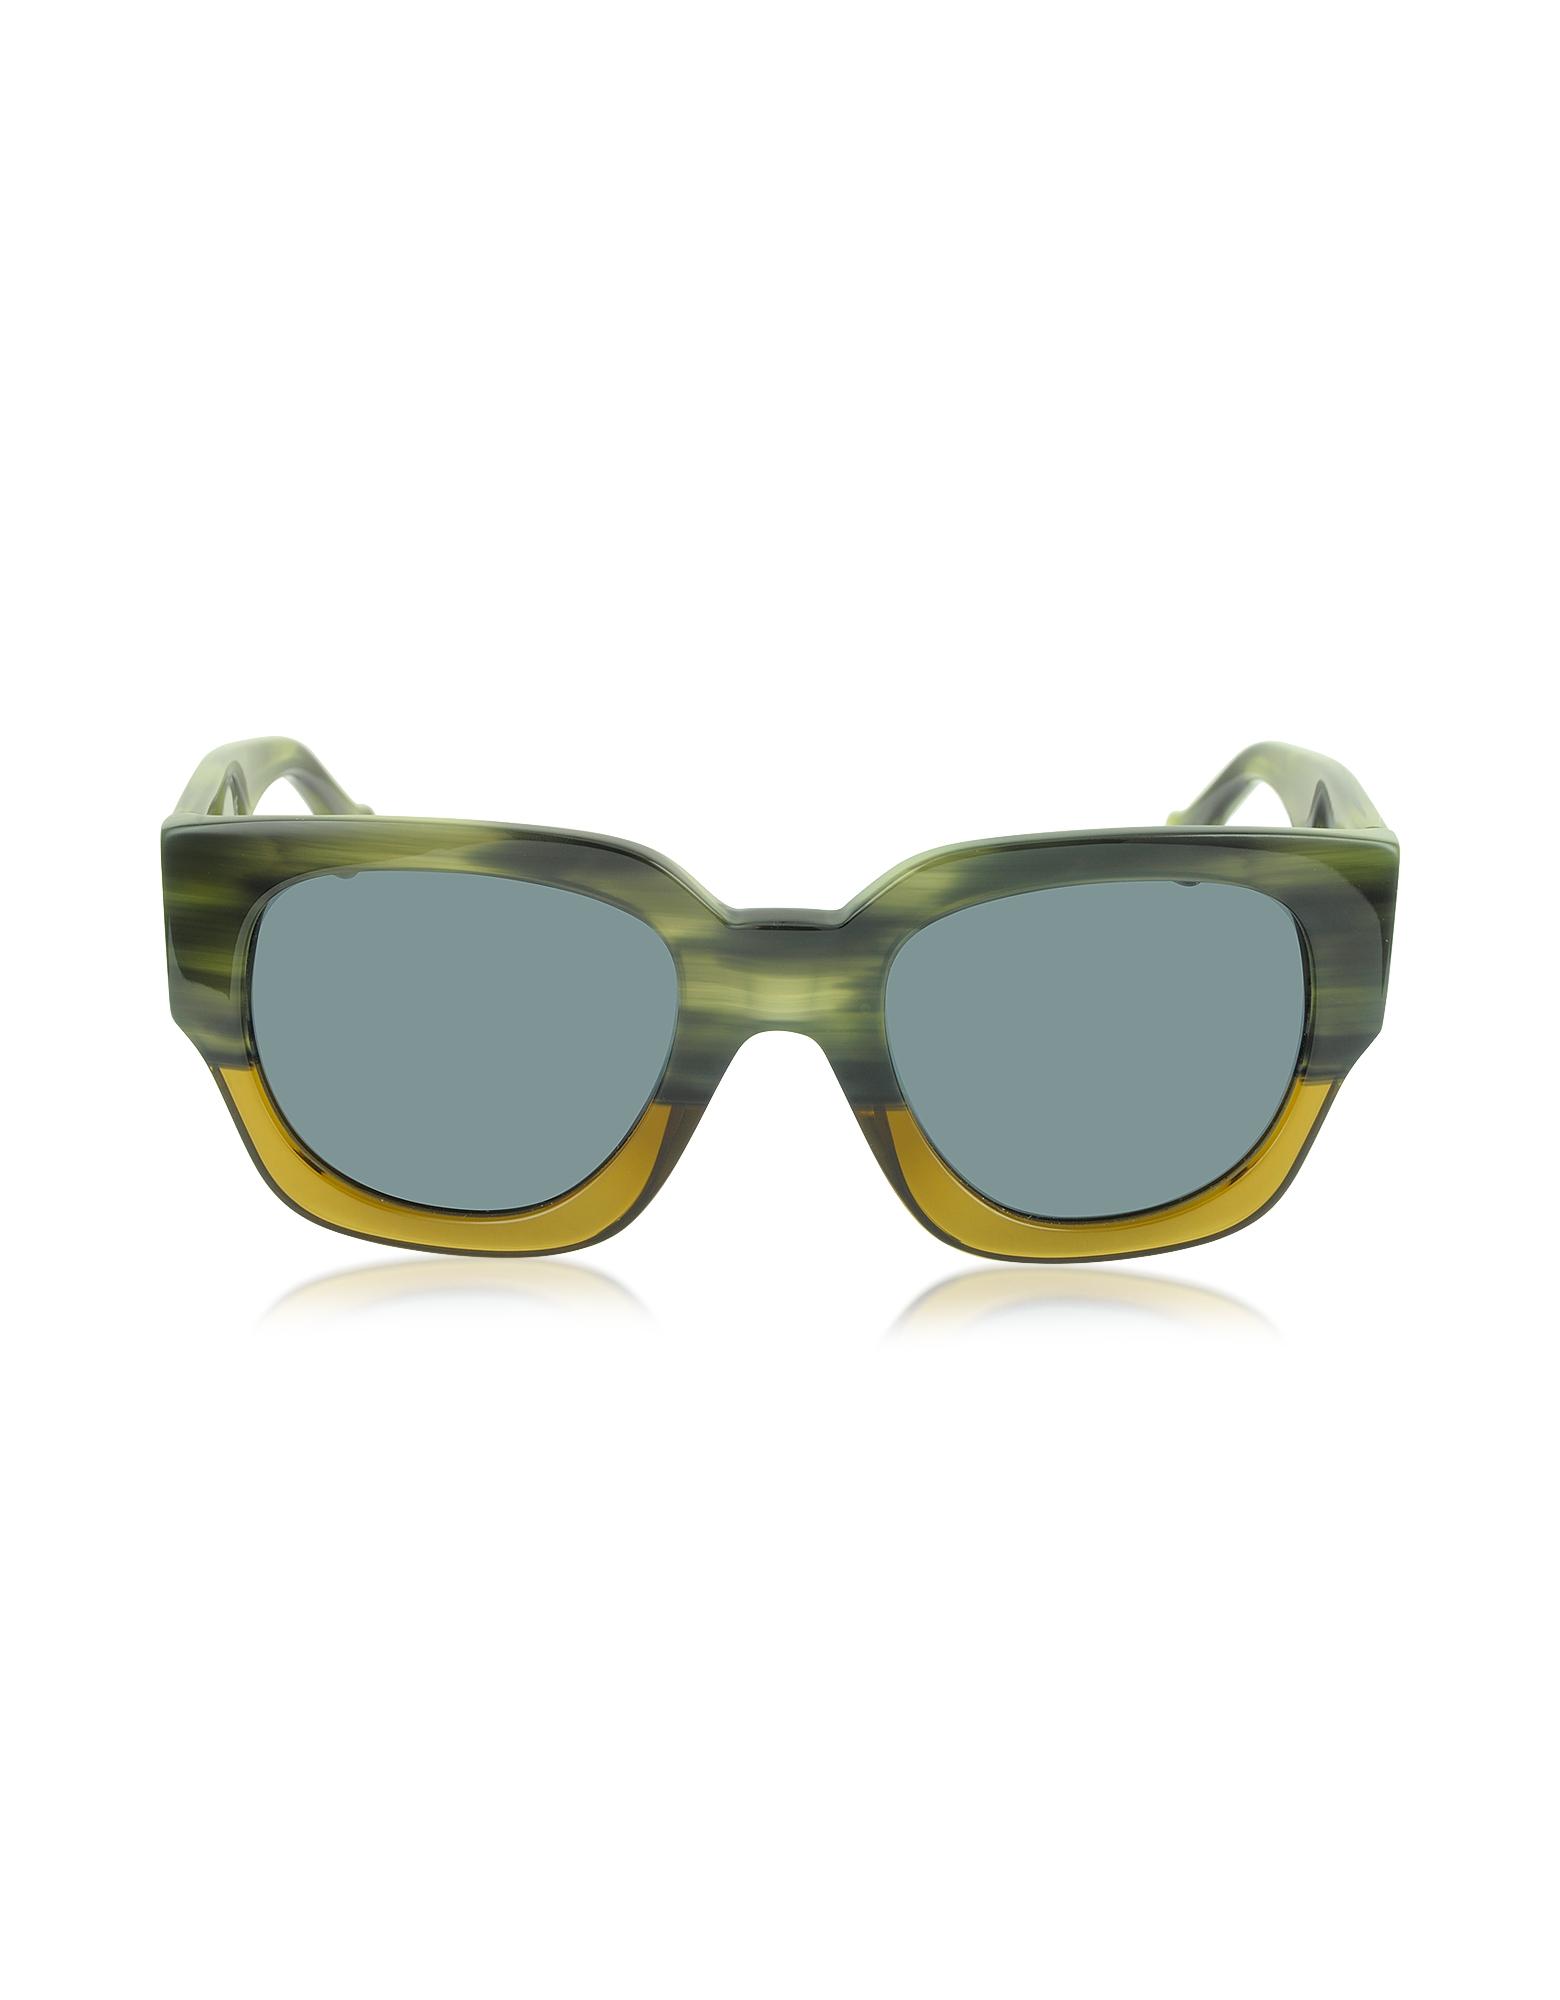 Balenciaga Ba0011 65v Green & Yellow Acetate Women's ...